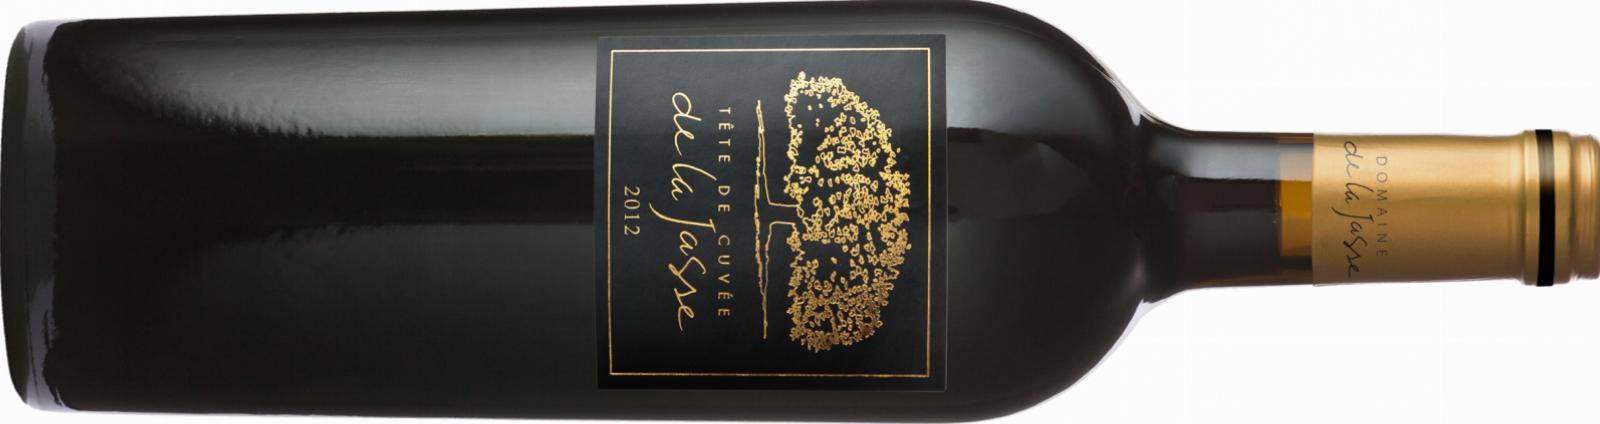 Domaine de la Jasse - Tête De Cuvée Black Label 2012